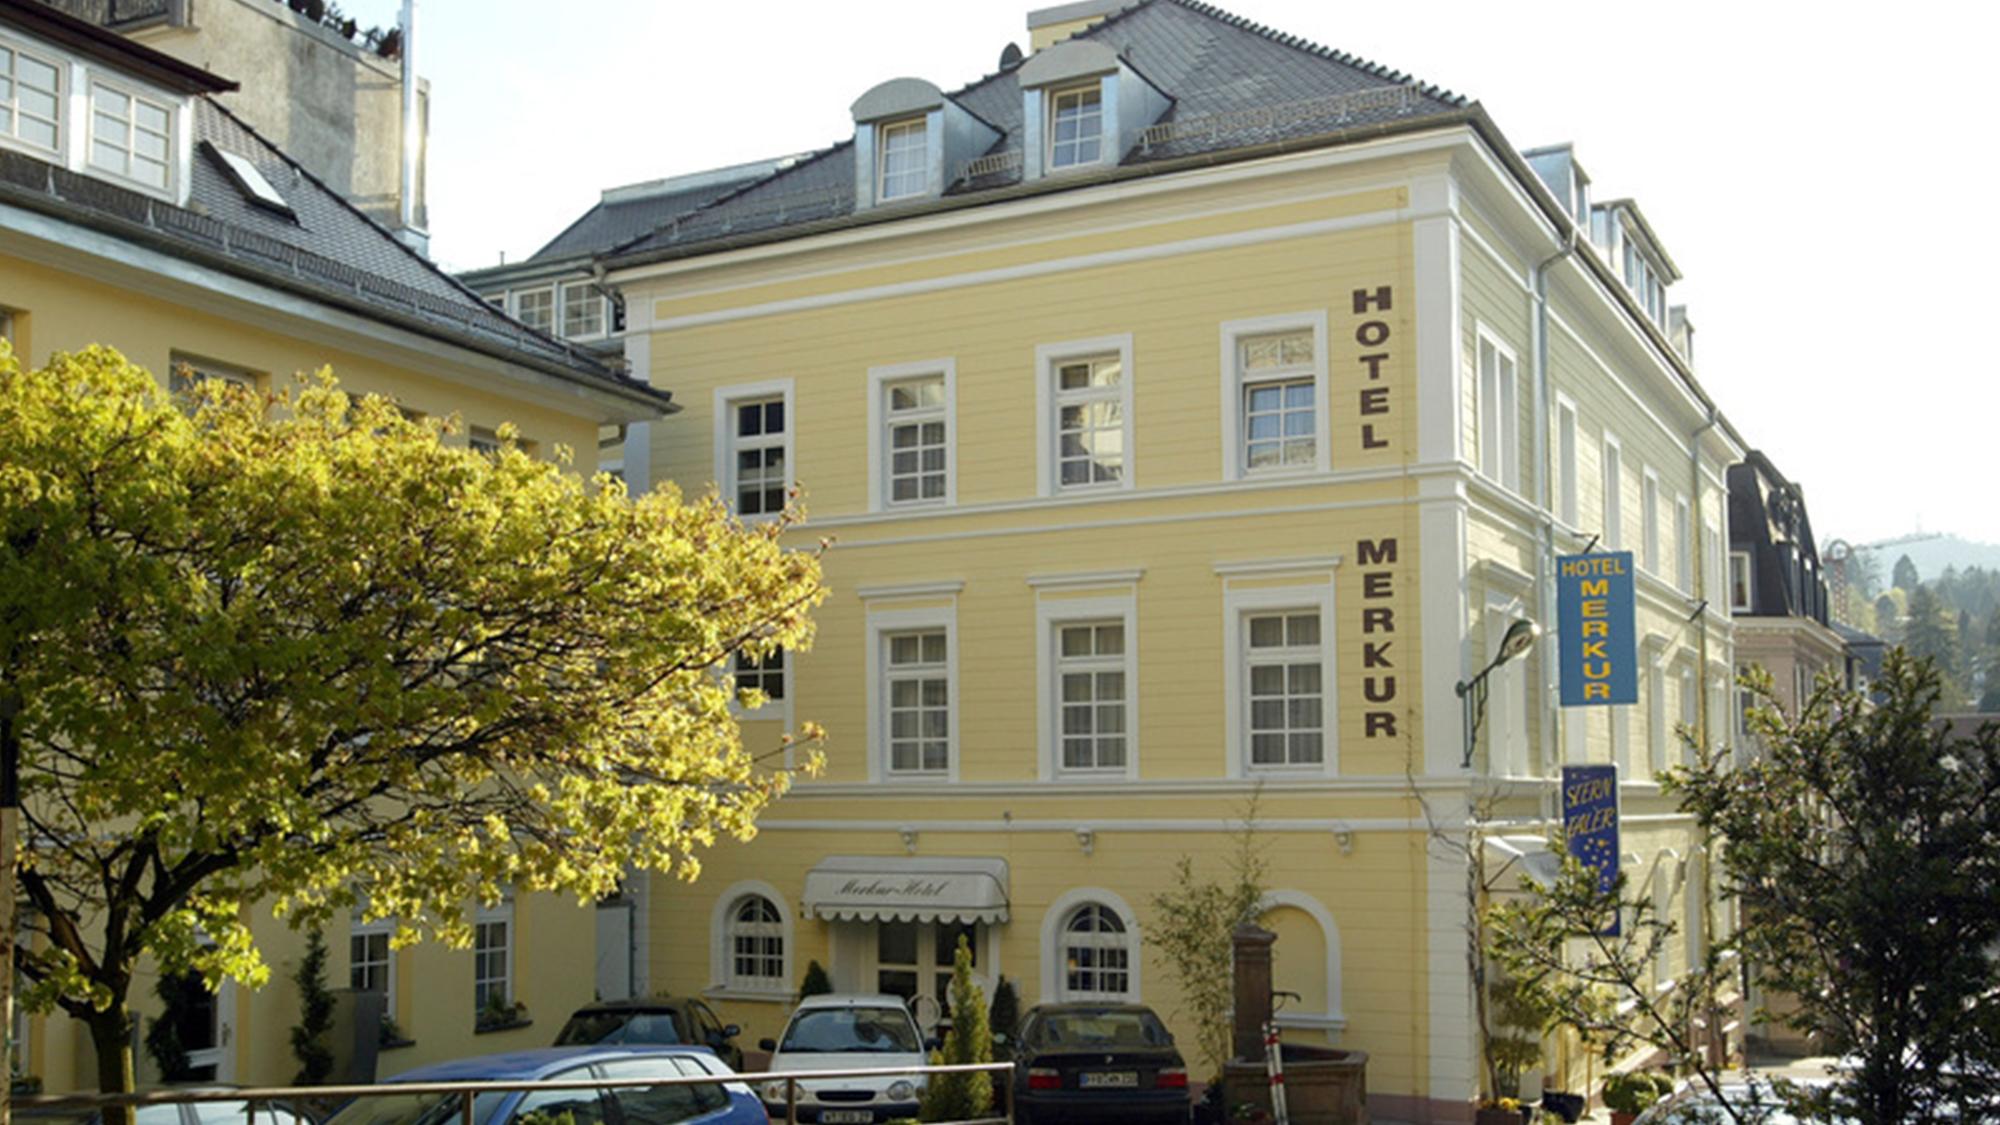 Bauprojekt Baden-Baden - Westermann Bau GmbH Kuppenheim